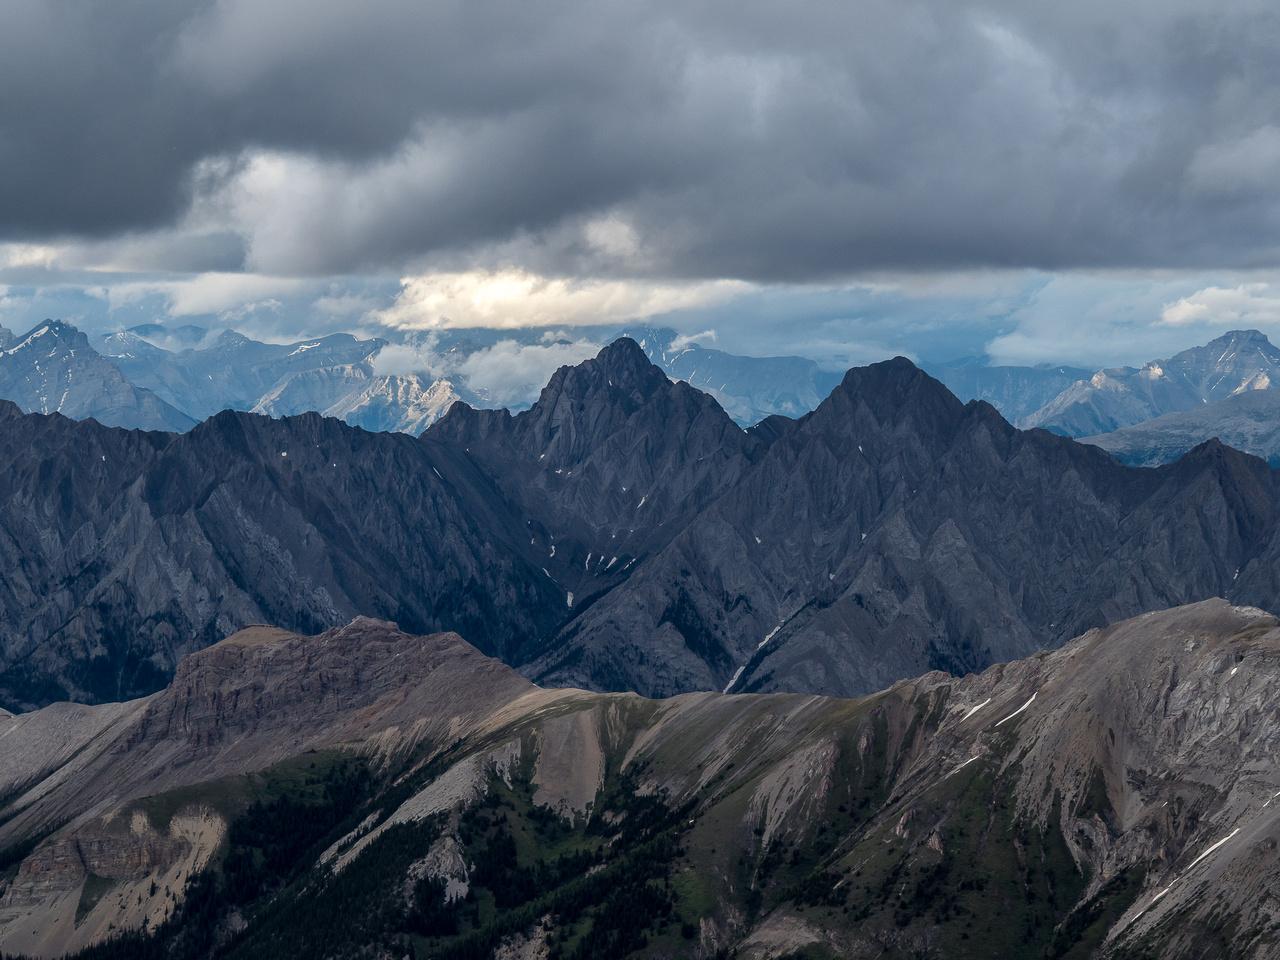 Sundance Peak (C) is the highest peak in that range.